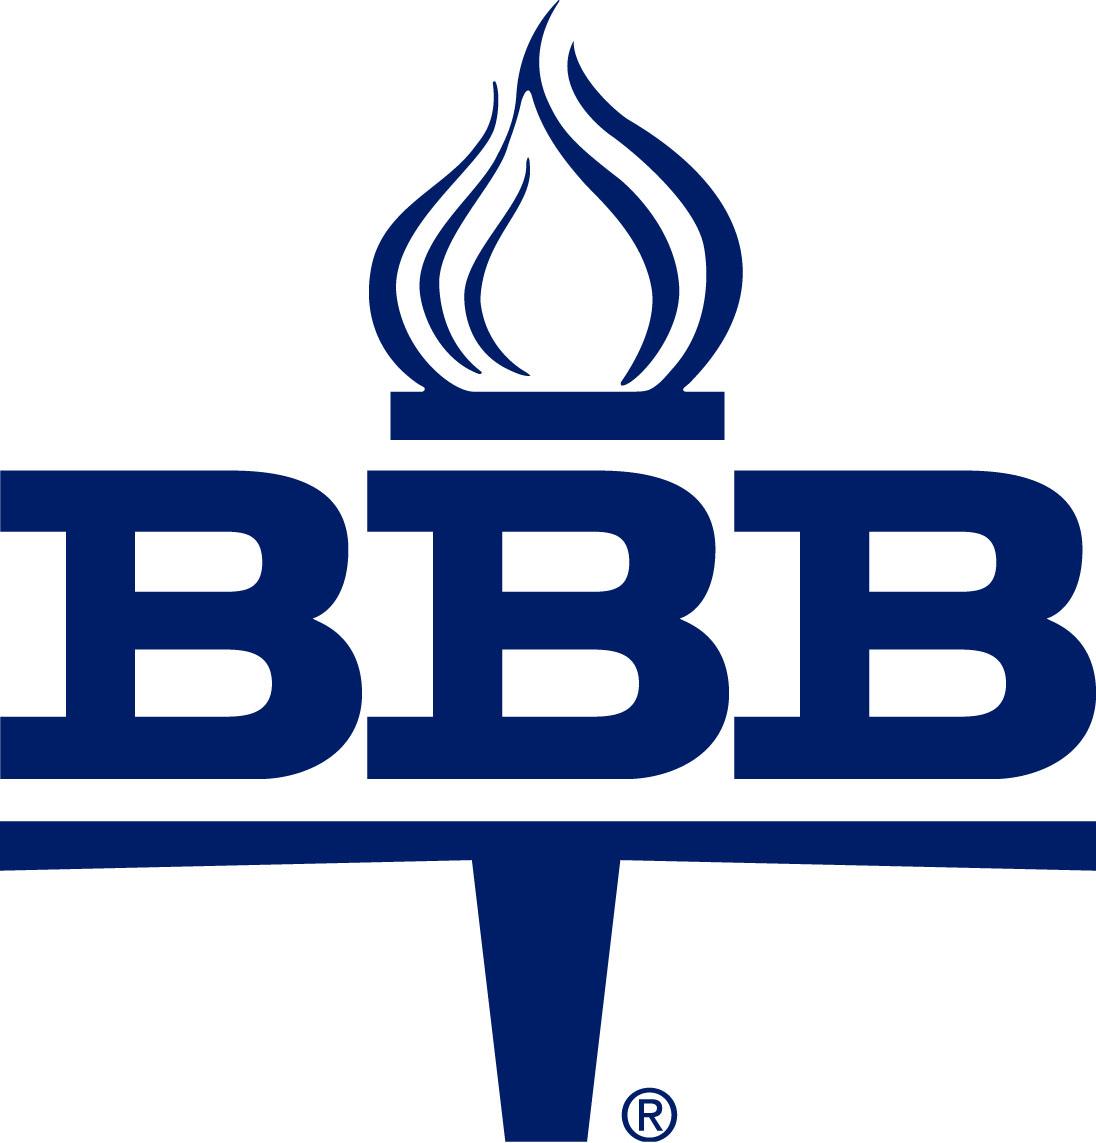 better business bureau logos rh logolynx com better business colorado better business colorado